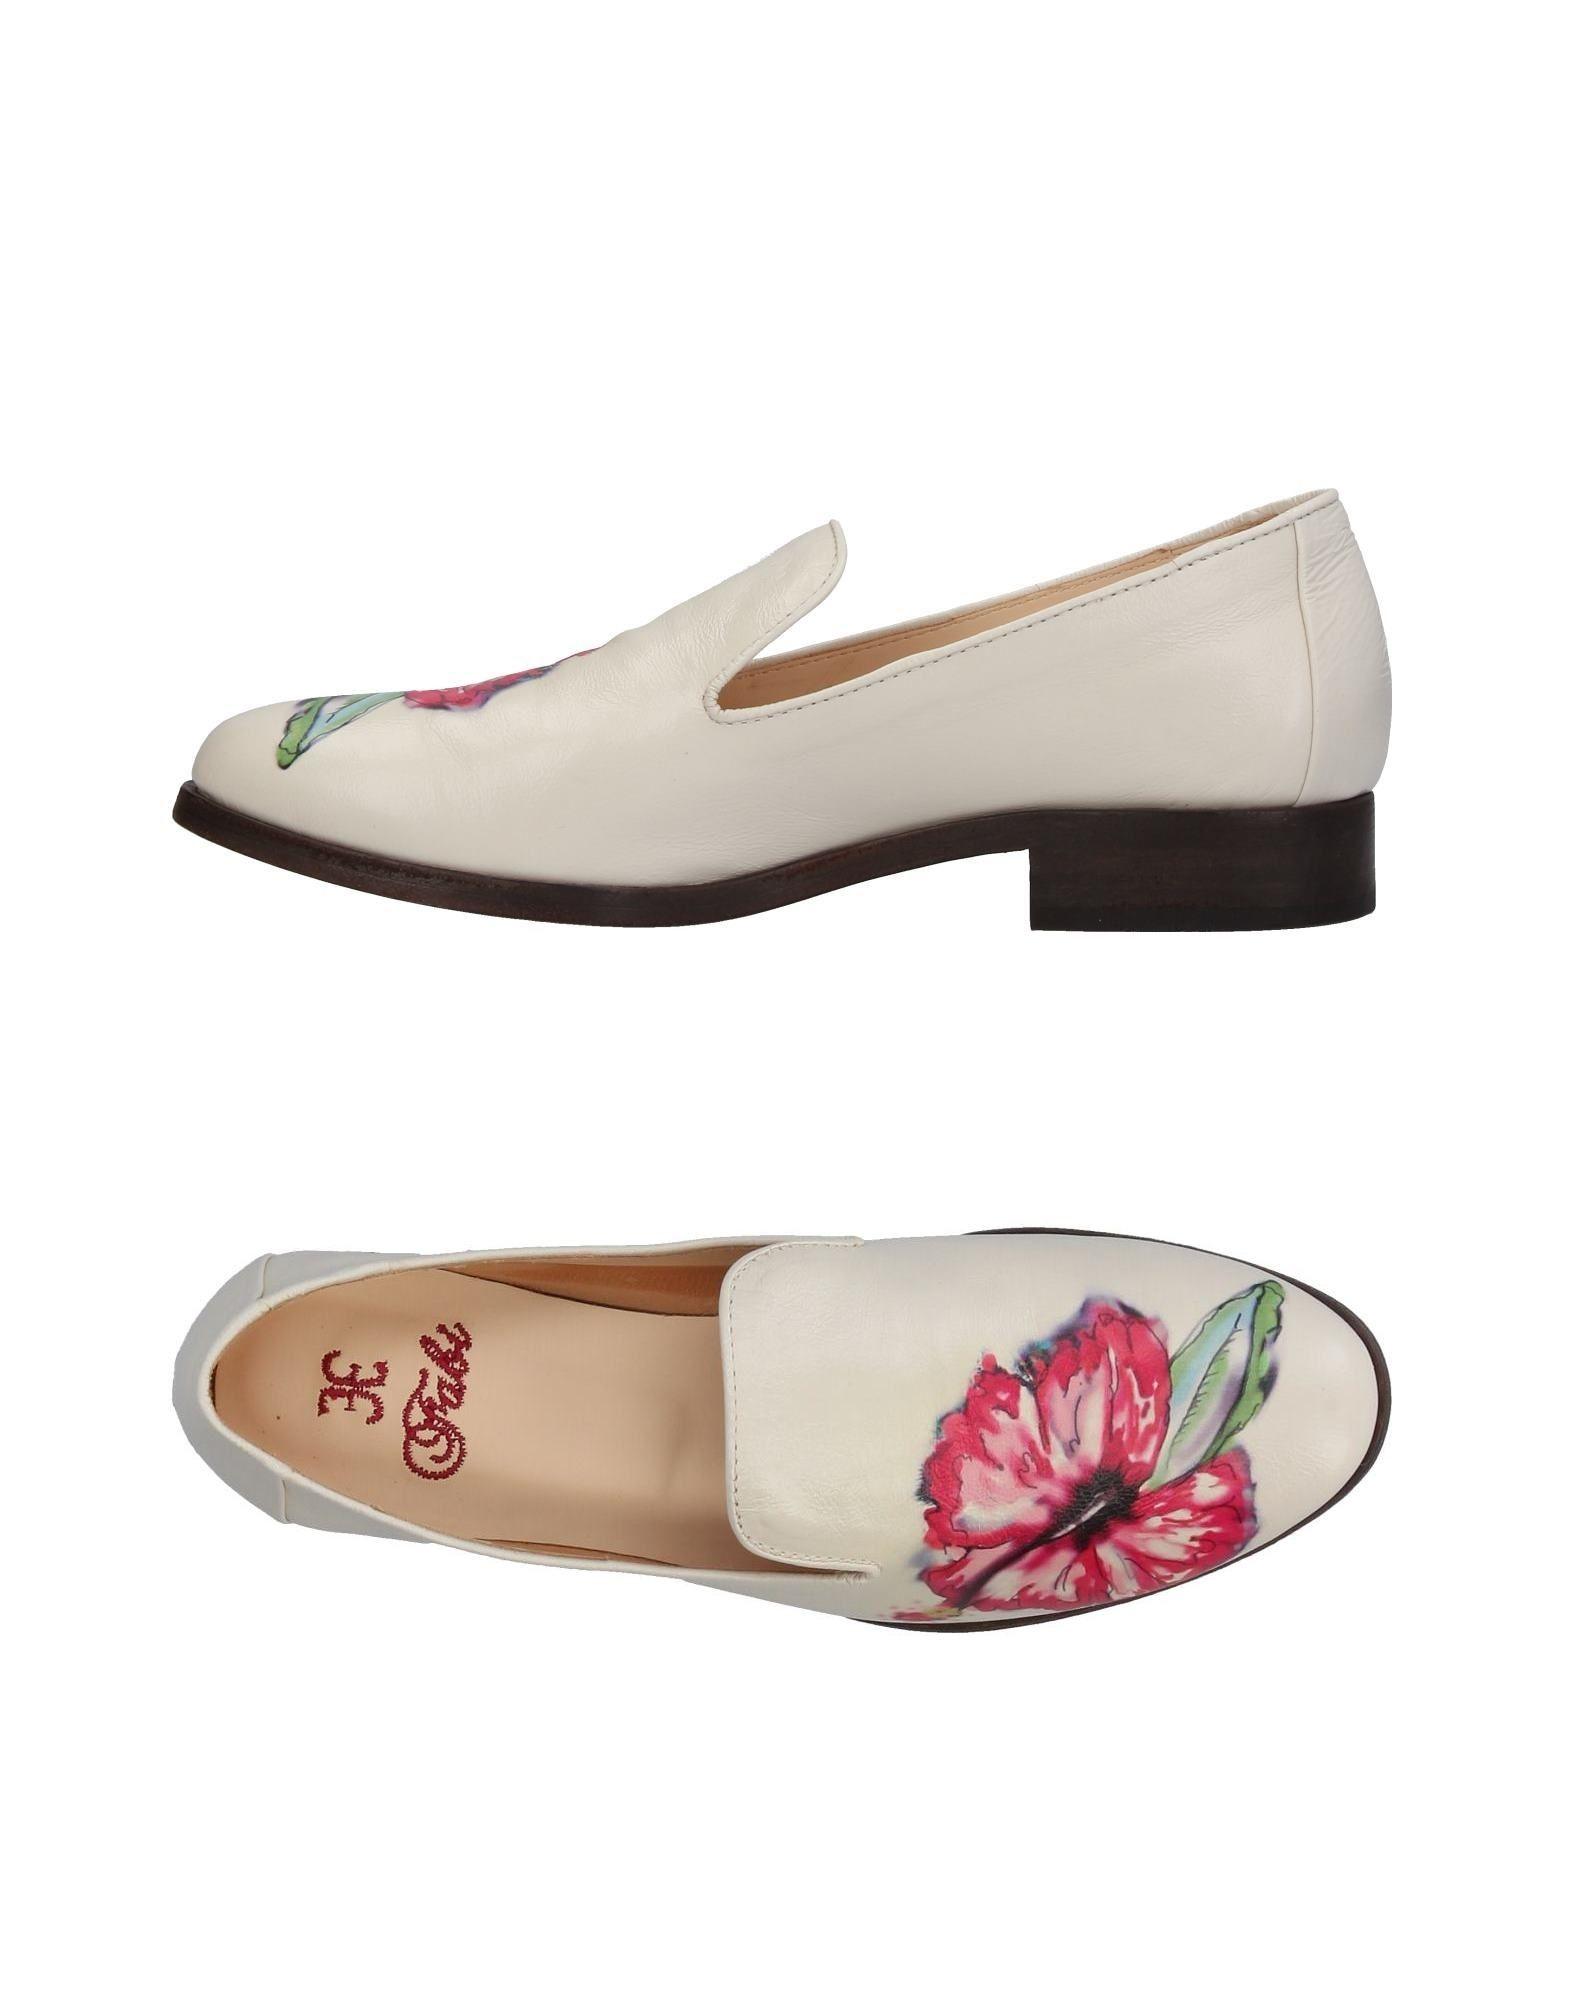 Fabi Mokassins Damen  11415868JX Gute Qualität beliebte Schuhe